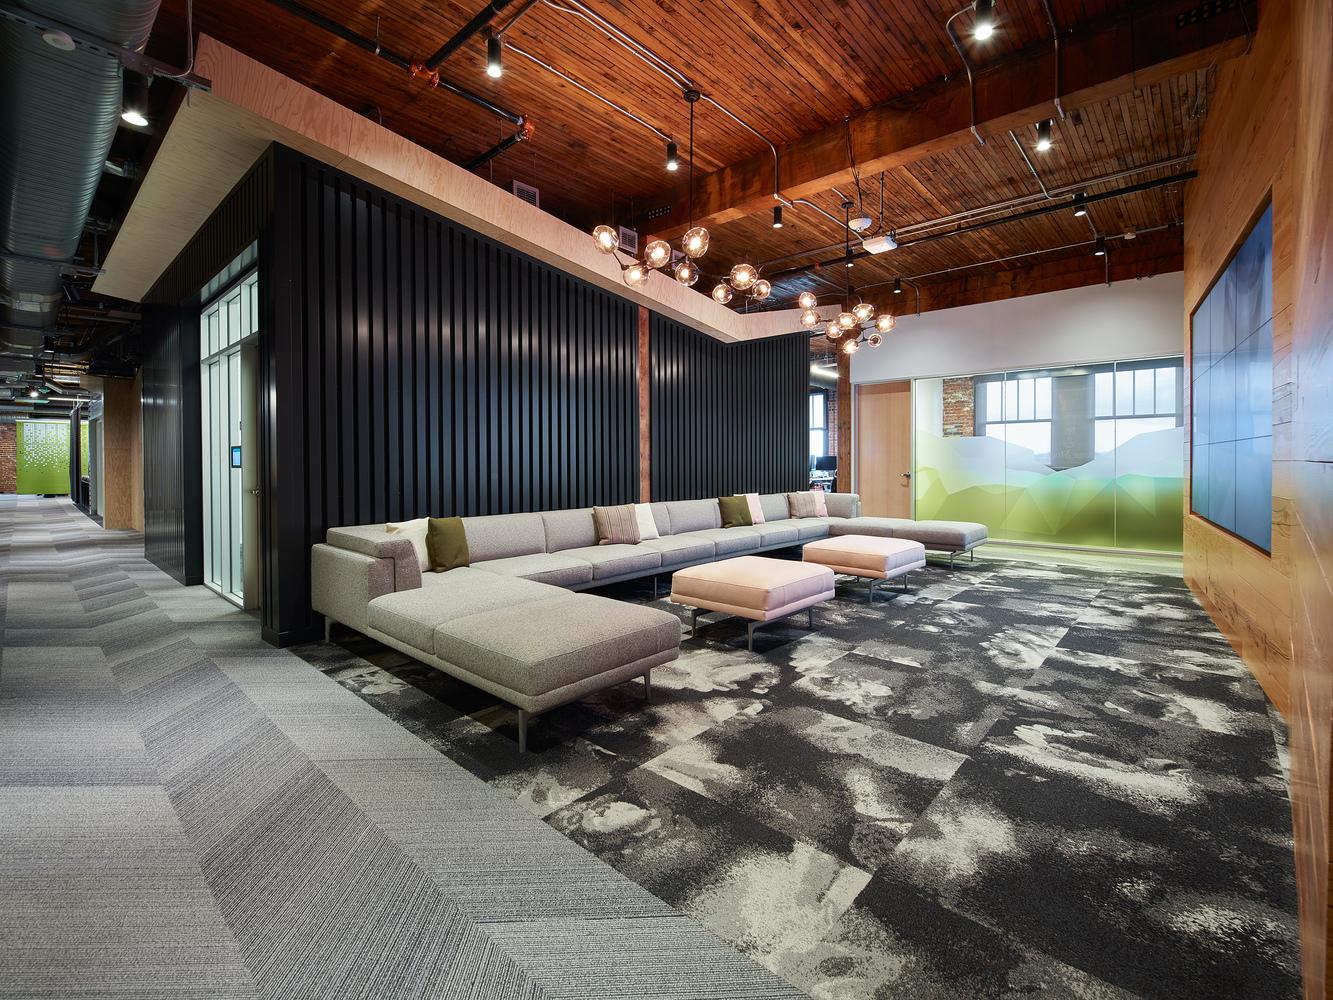 طراحی دفتر کار شرکت اتودسک در پورتلند - Autodesk office Portland 7 1